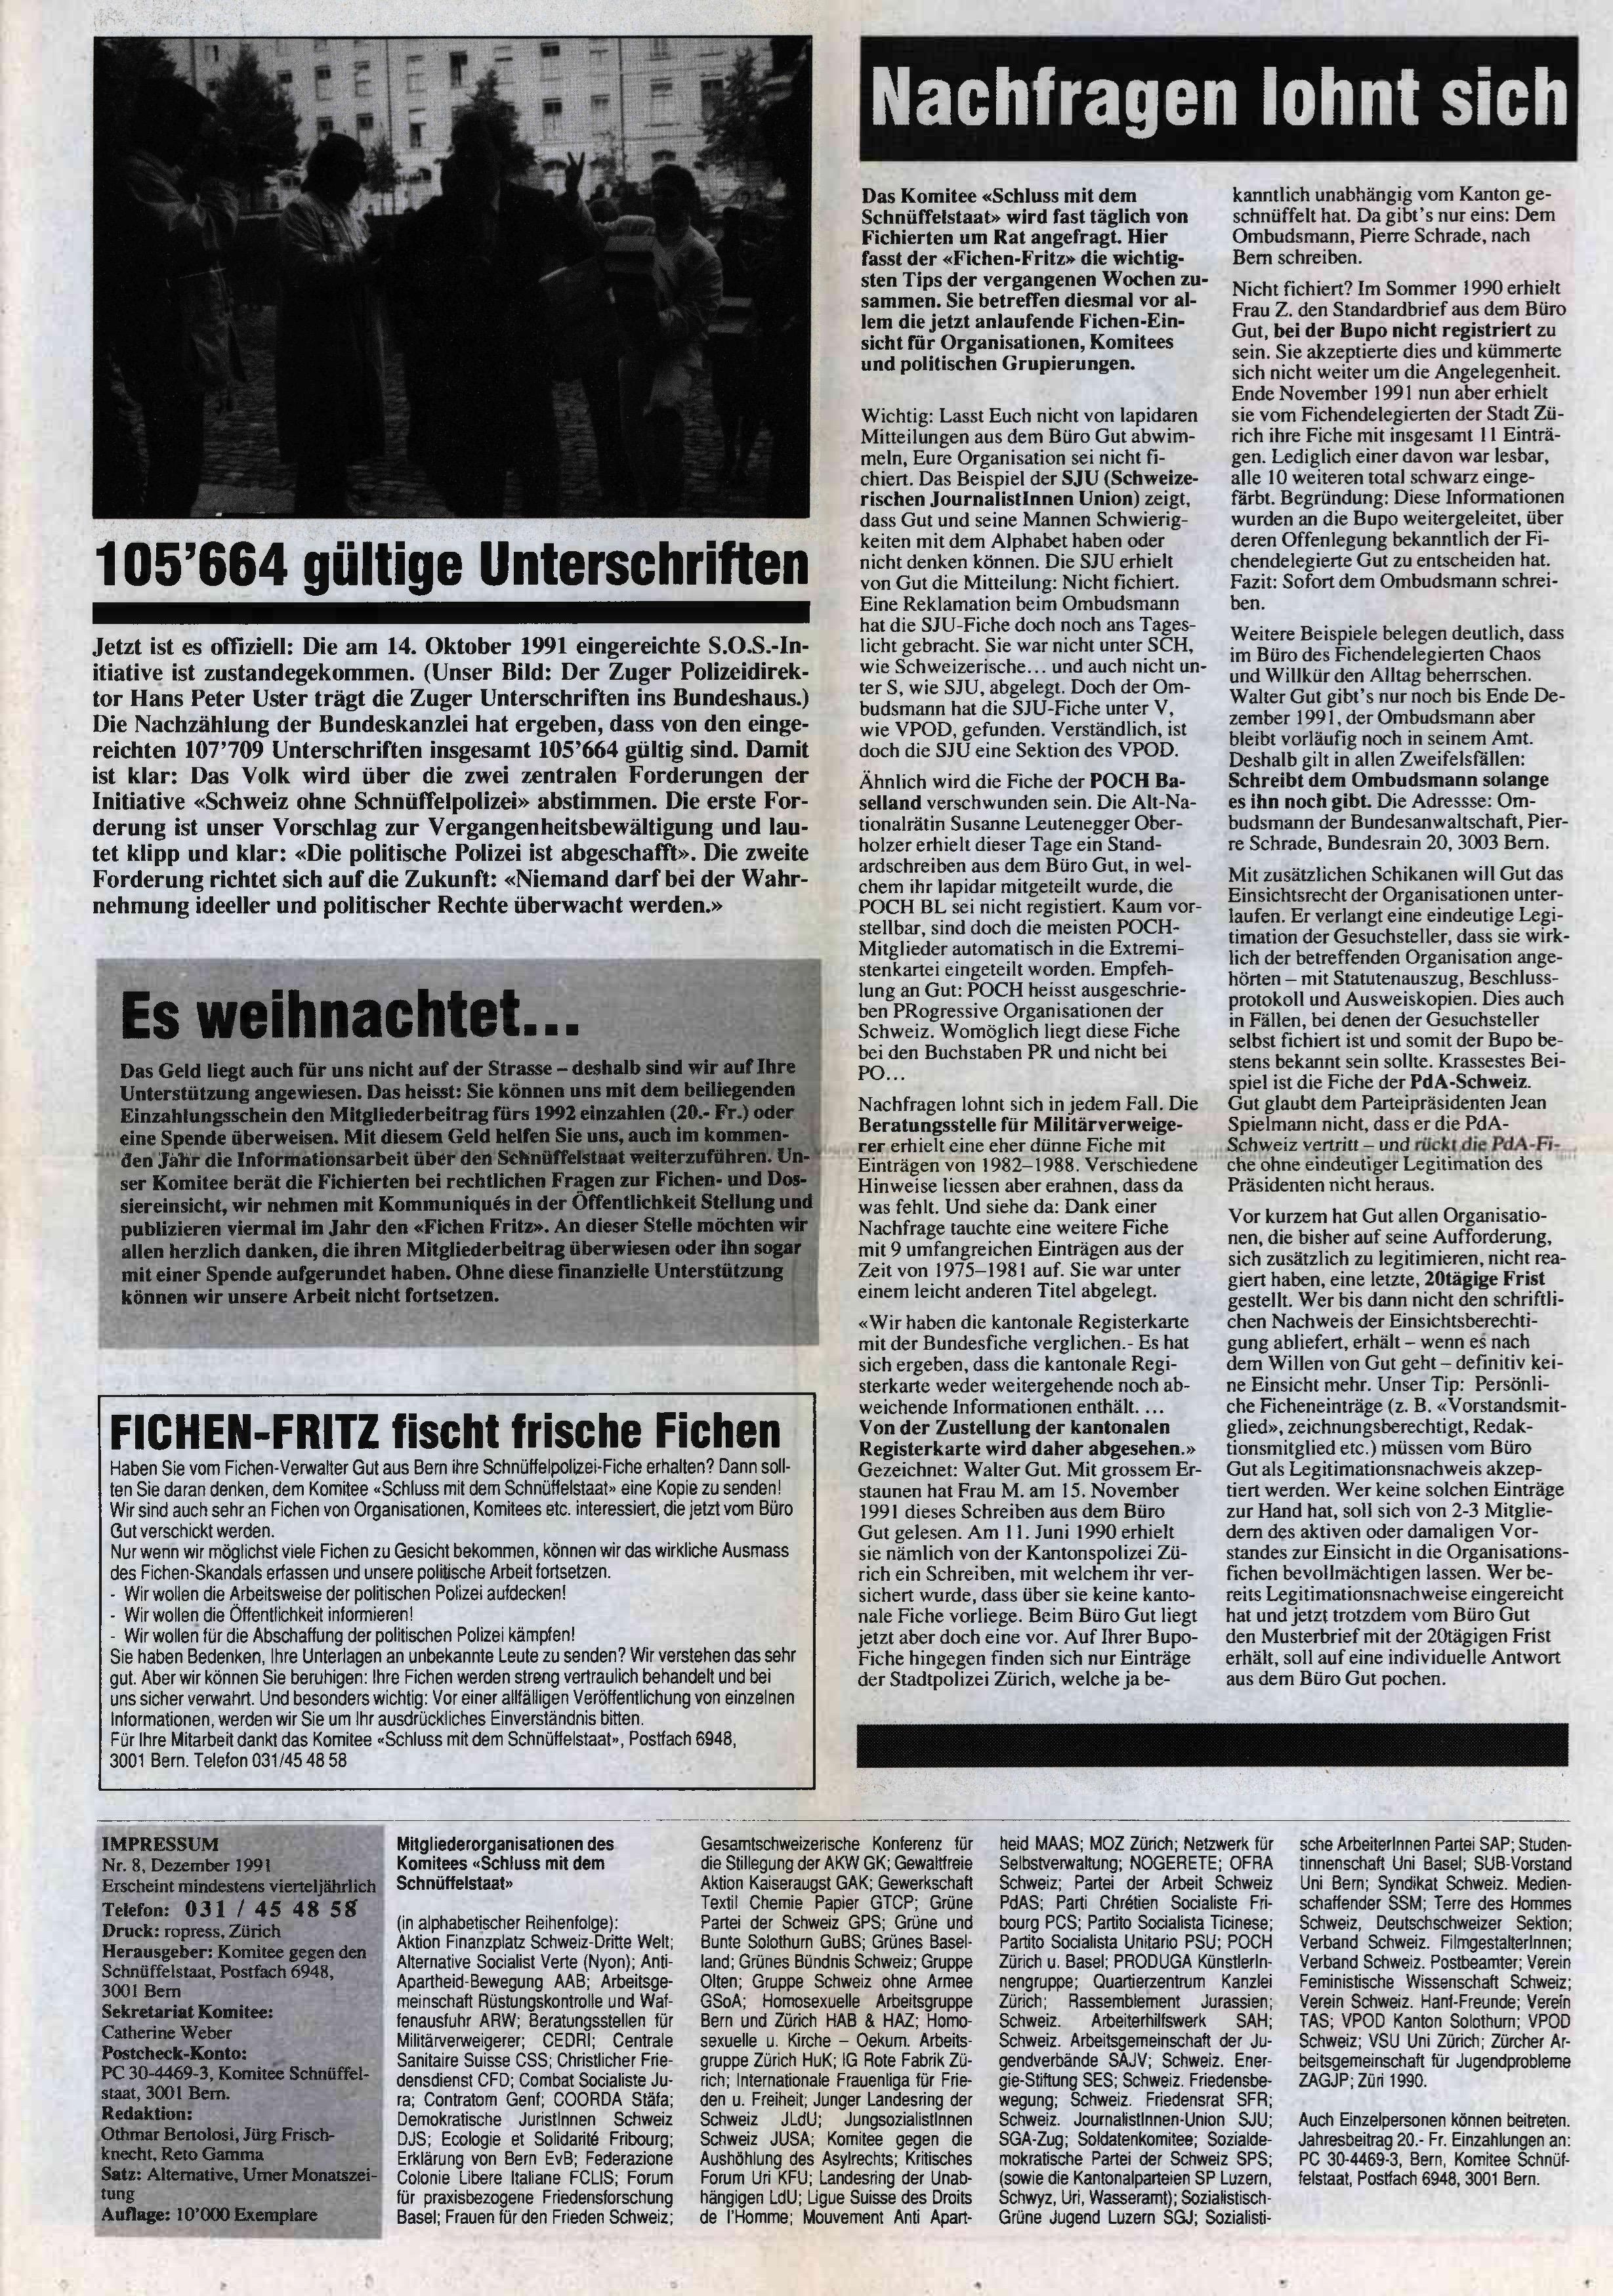 FICHEN FRITZ NR. 8 - SEIETE 2